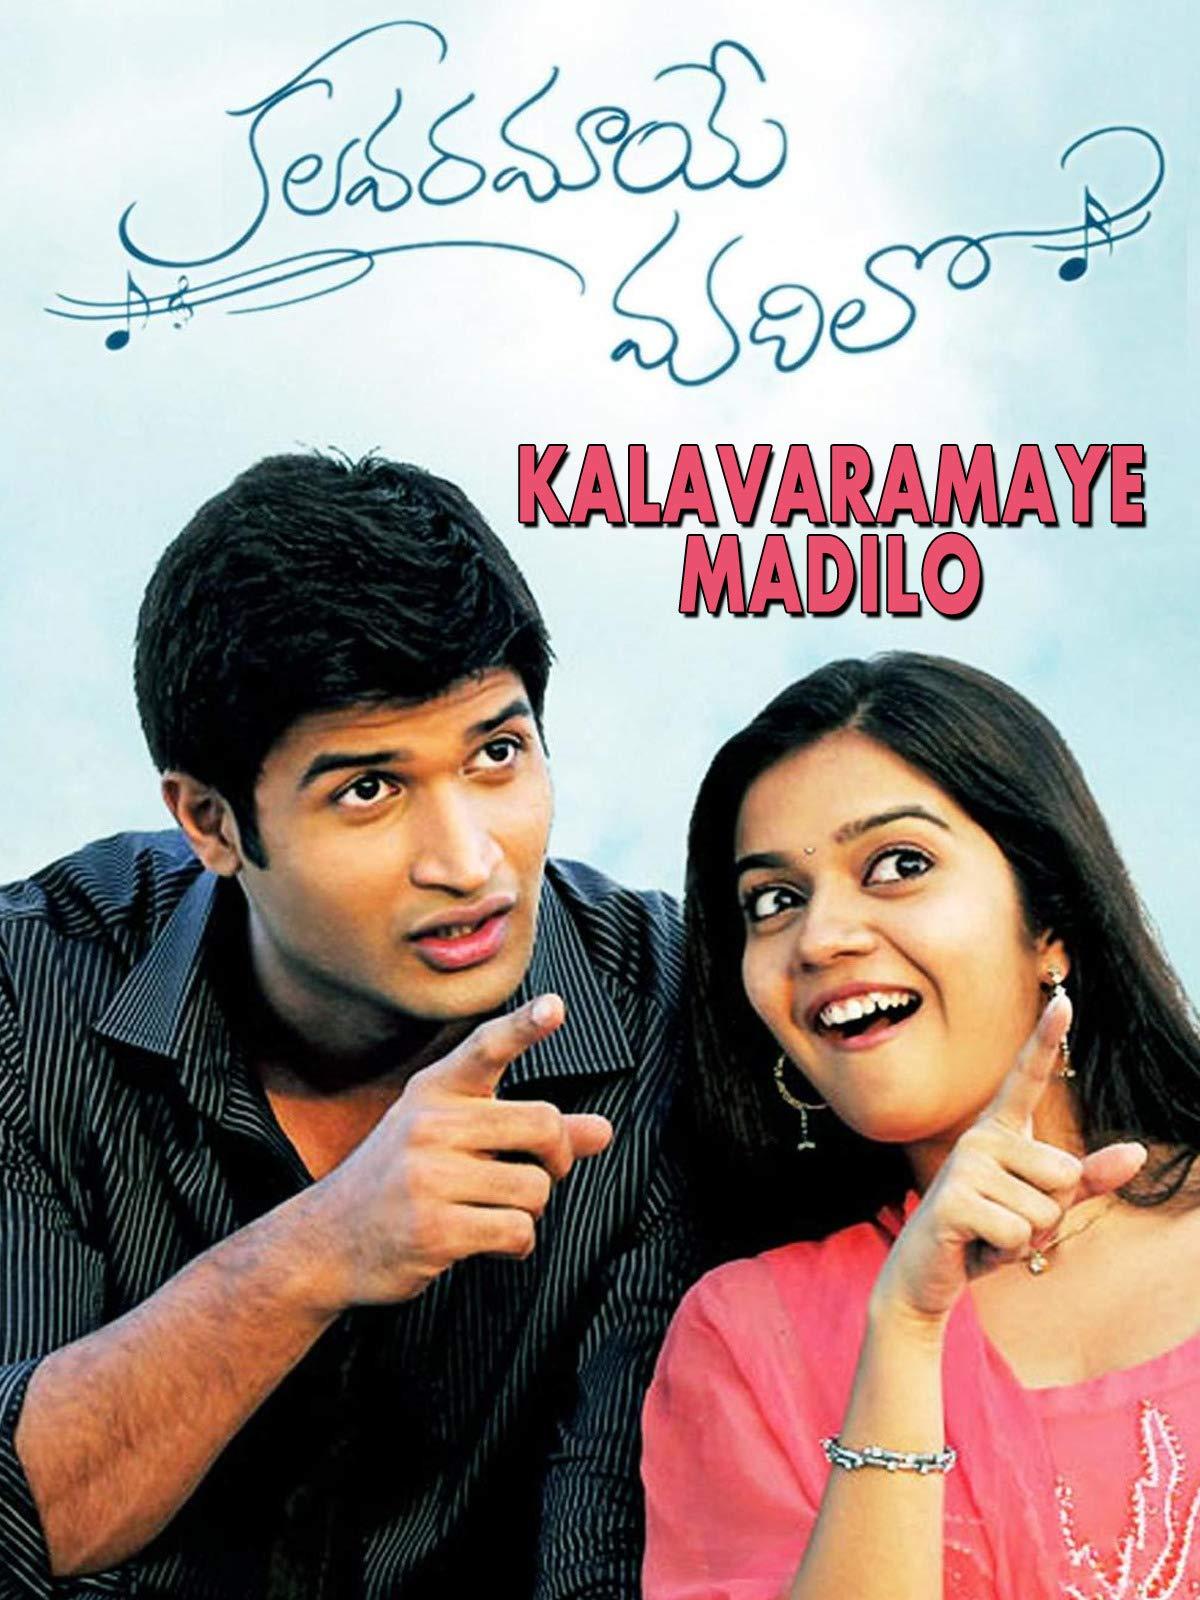 Kalavaramaye Madhilo